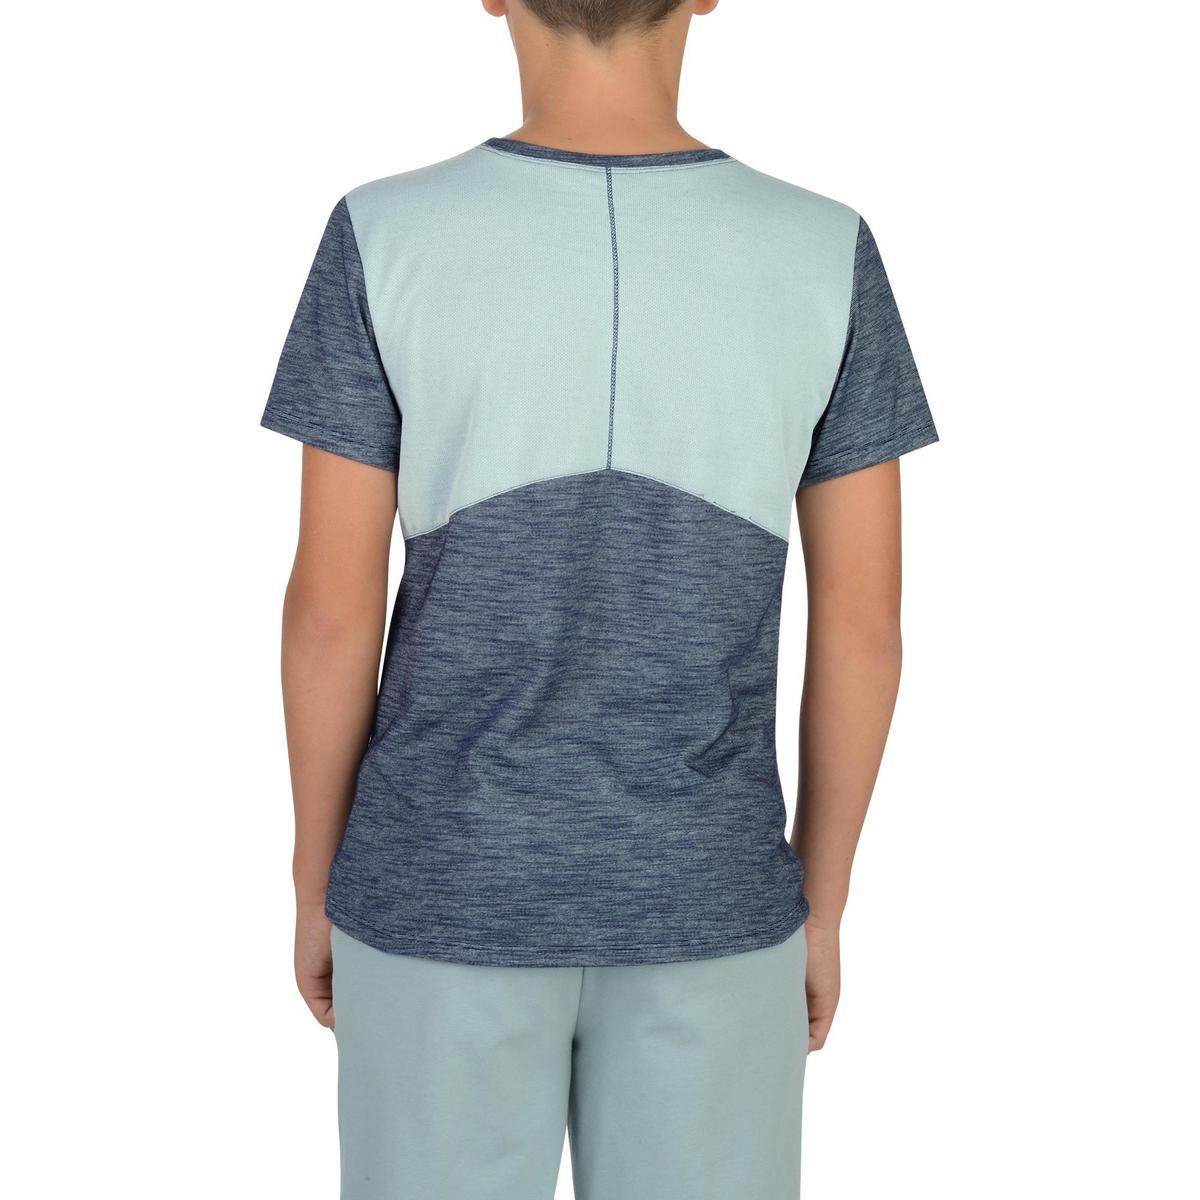 Bild 3 von T-Shirt Kurzarm 500 Gym Kinder grau/blau